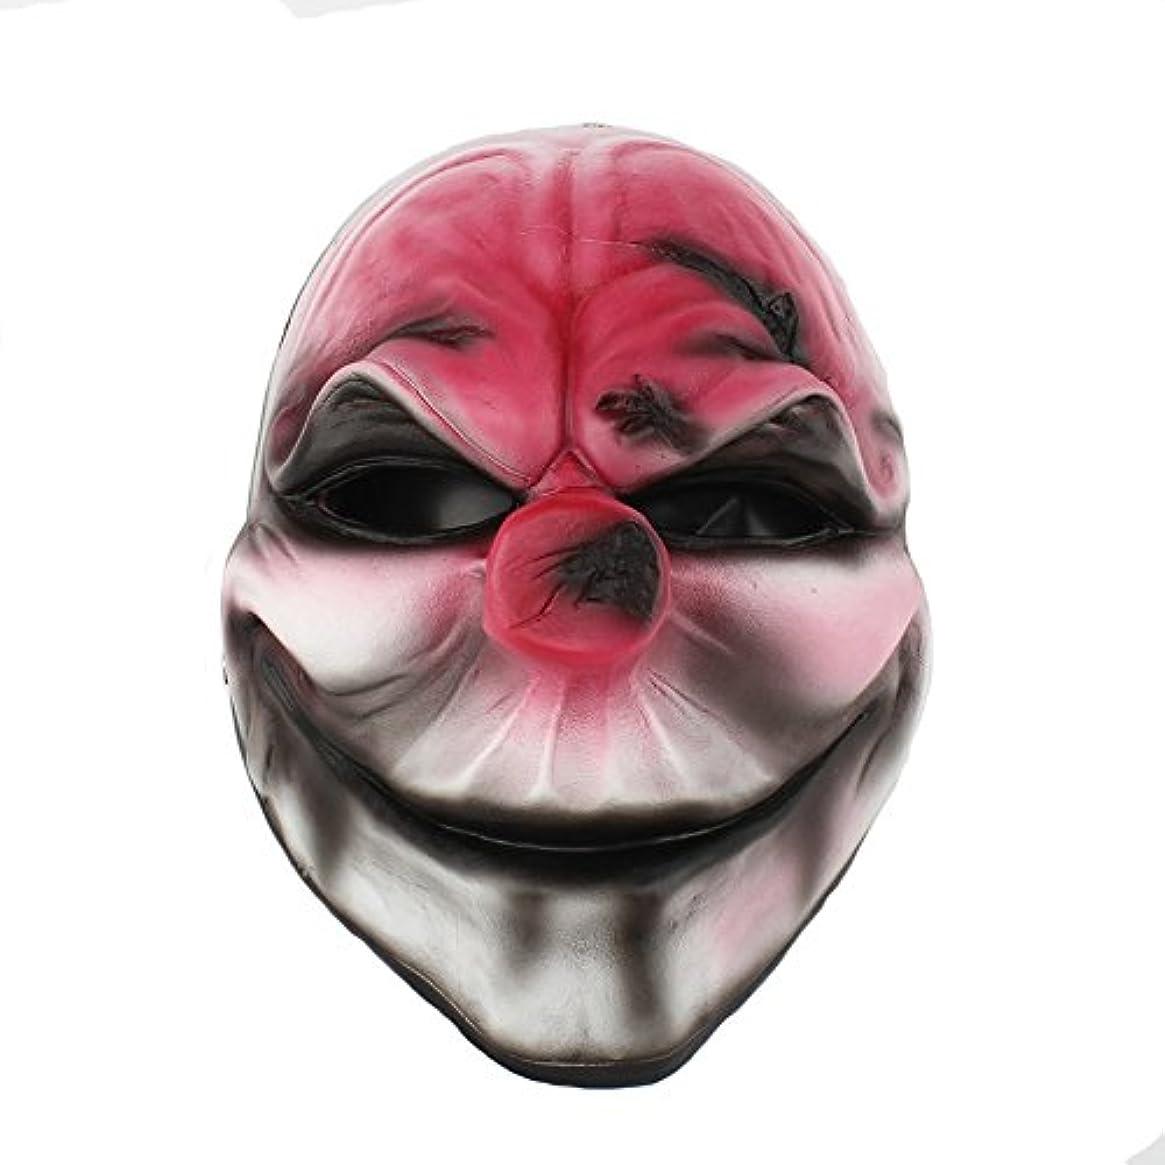 飛行機密接に傾向があるハロウィーン仮装パーティーキャラクタードレスアップ樹脂マスク